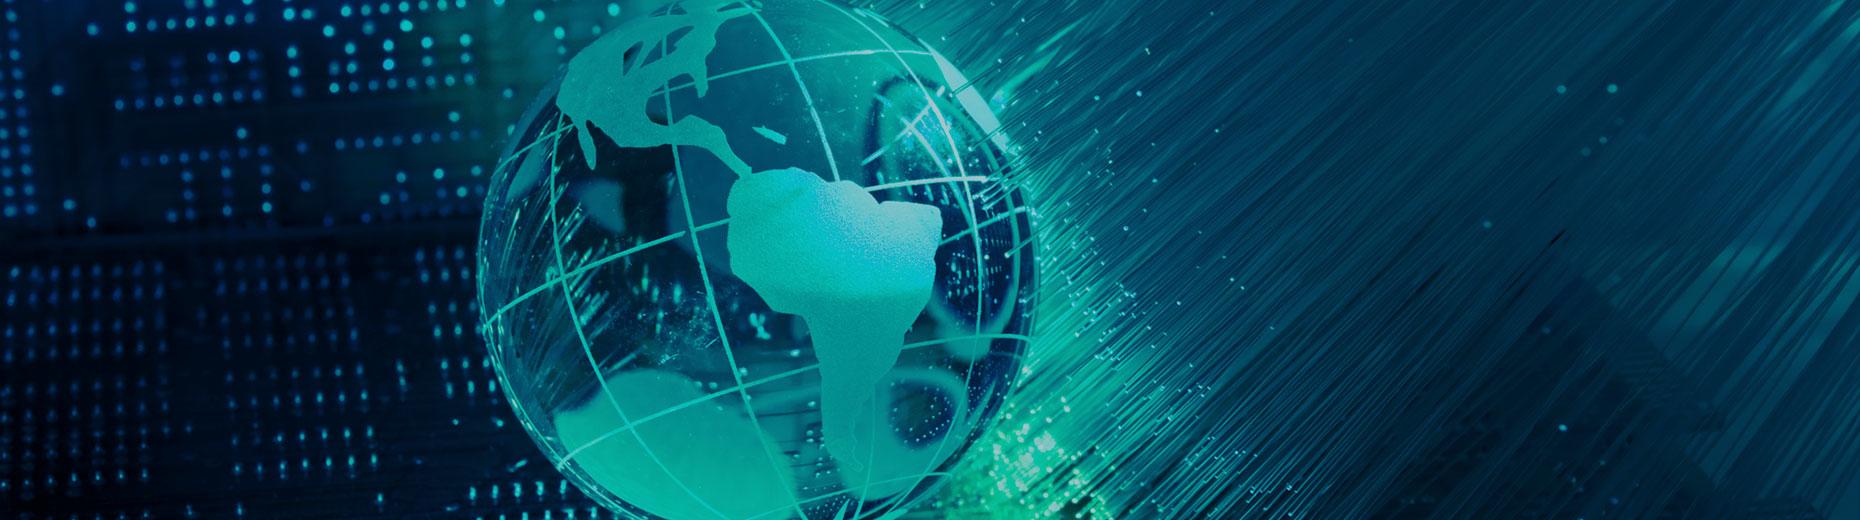 L2 Ethernet Connect header image